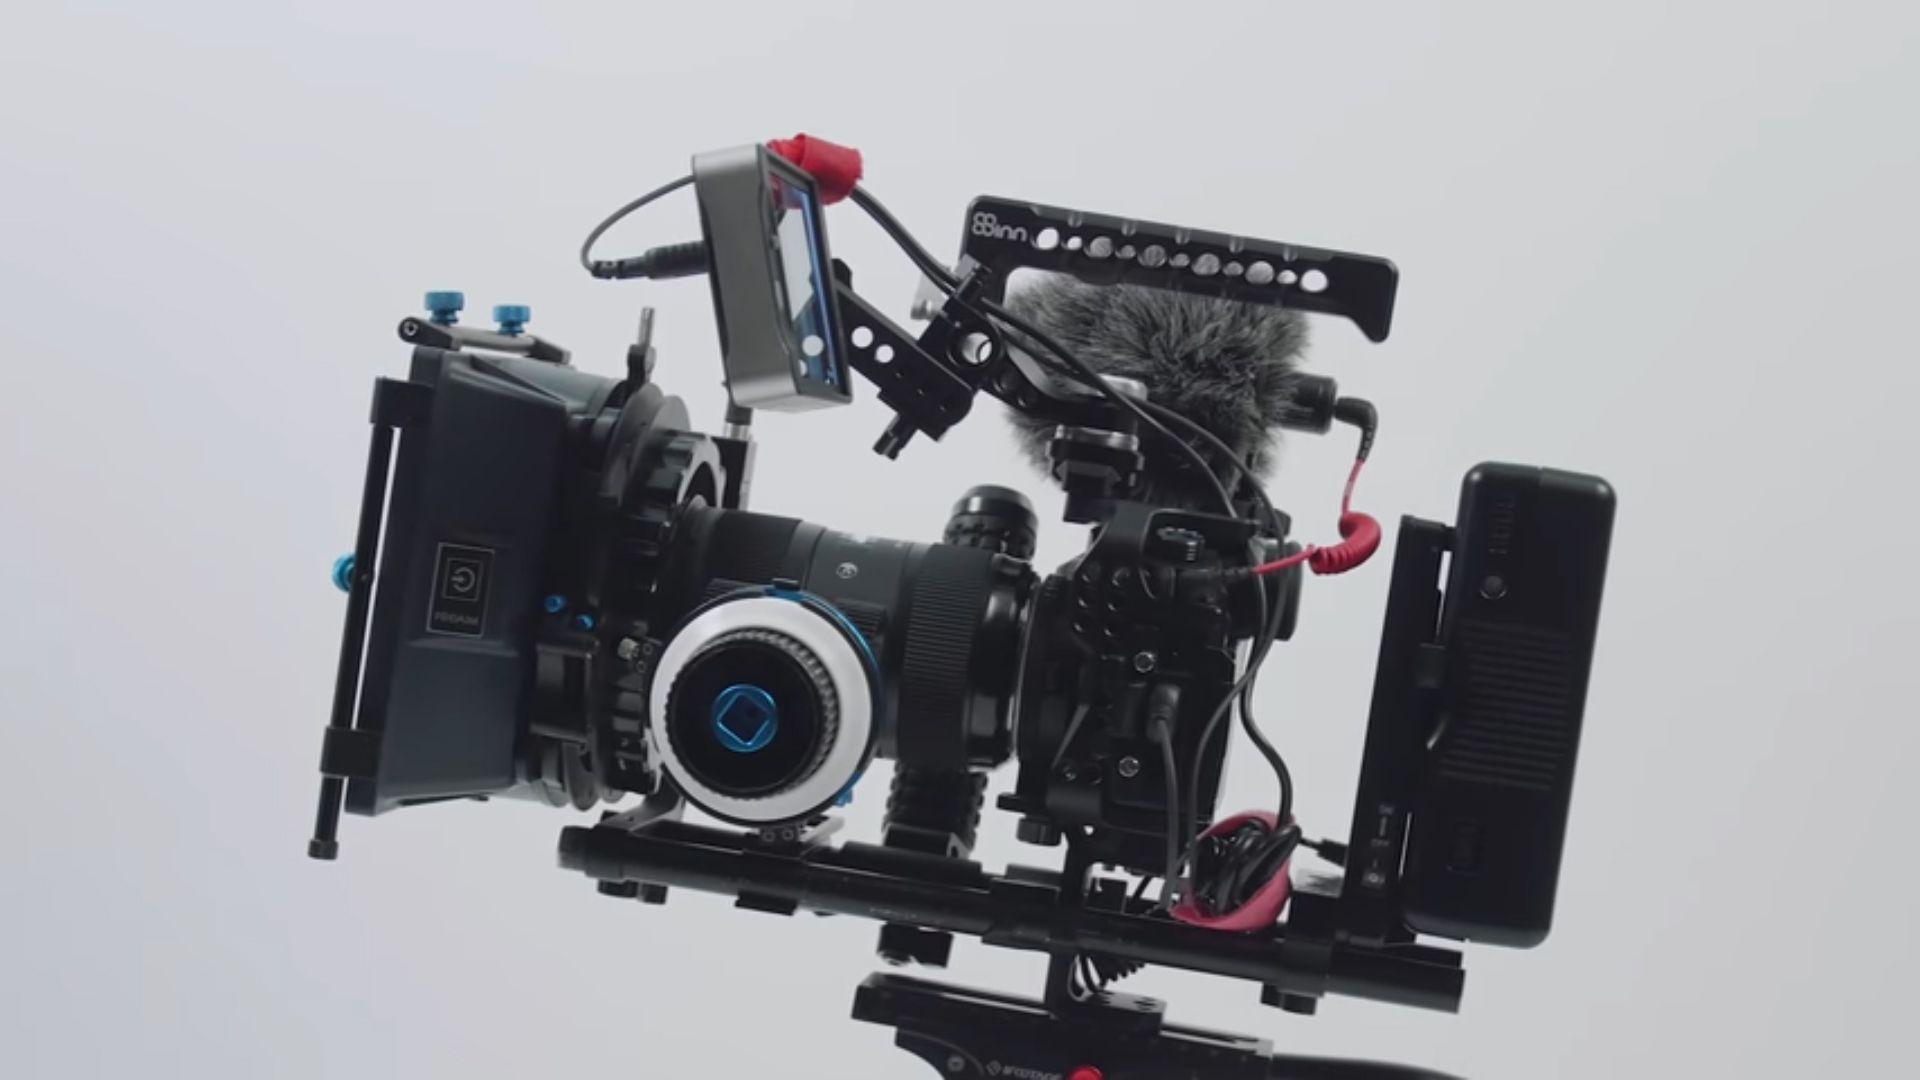 My Custom Gh5 Rig 8sinn Cage Review Camera Rig Filmmaking Gear Video Camera